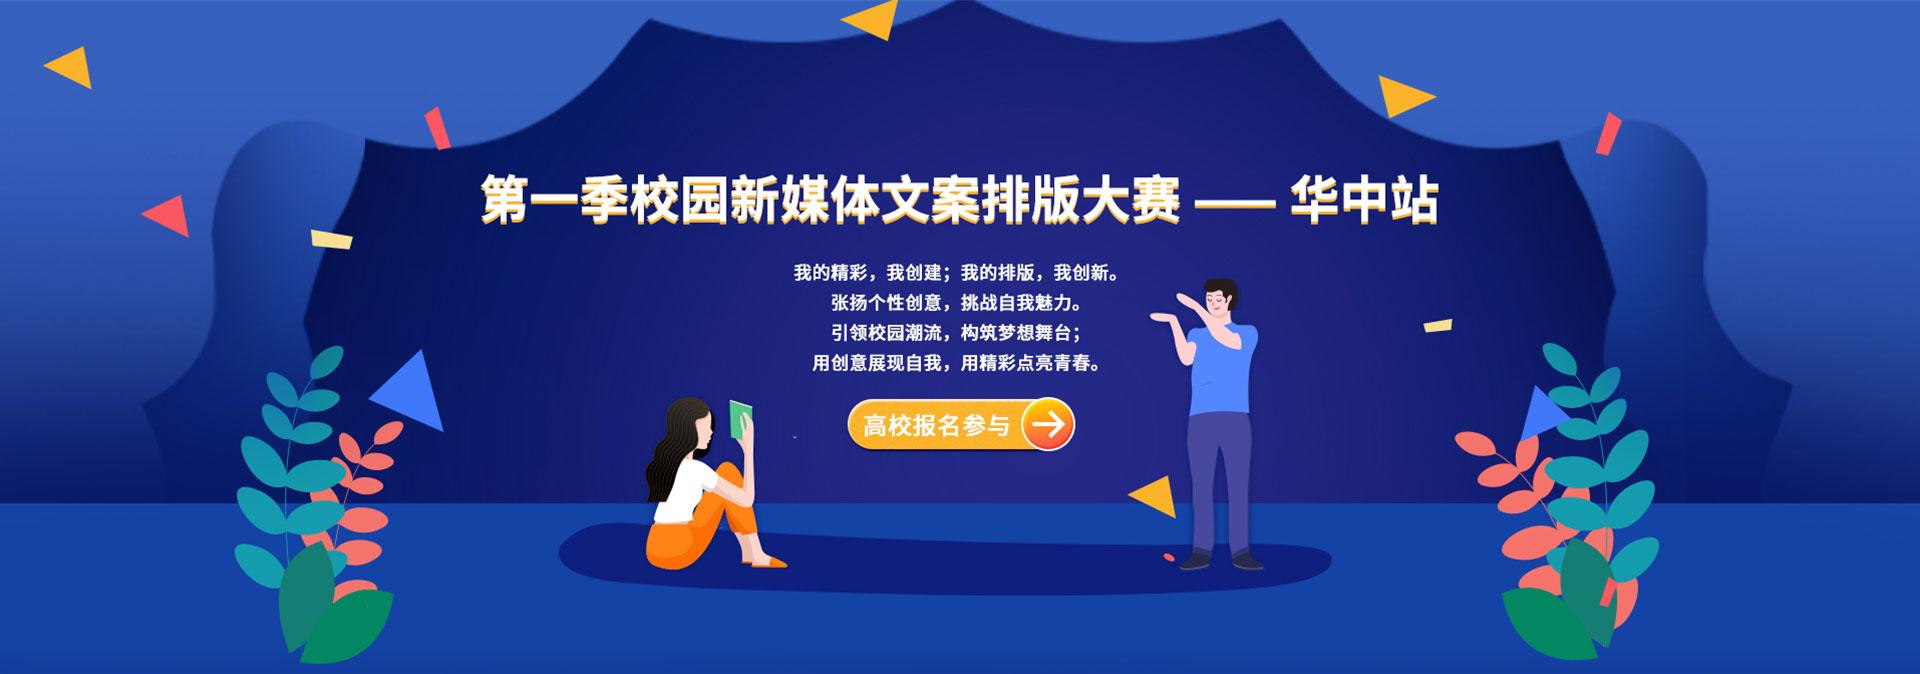 第一季校園新媒體文案排版大賽——華中站